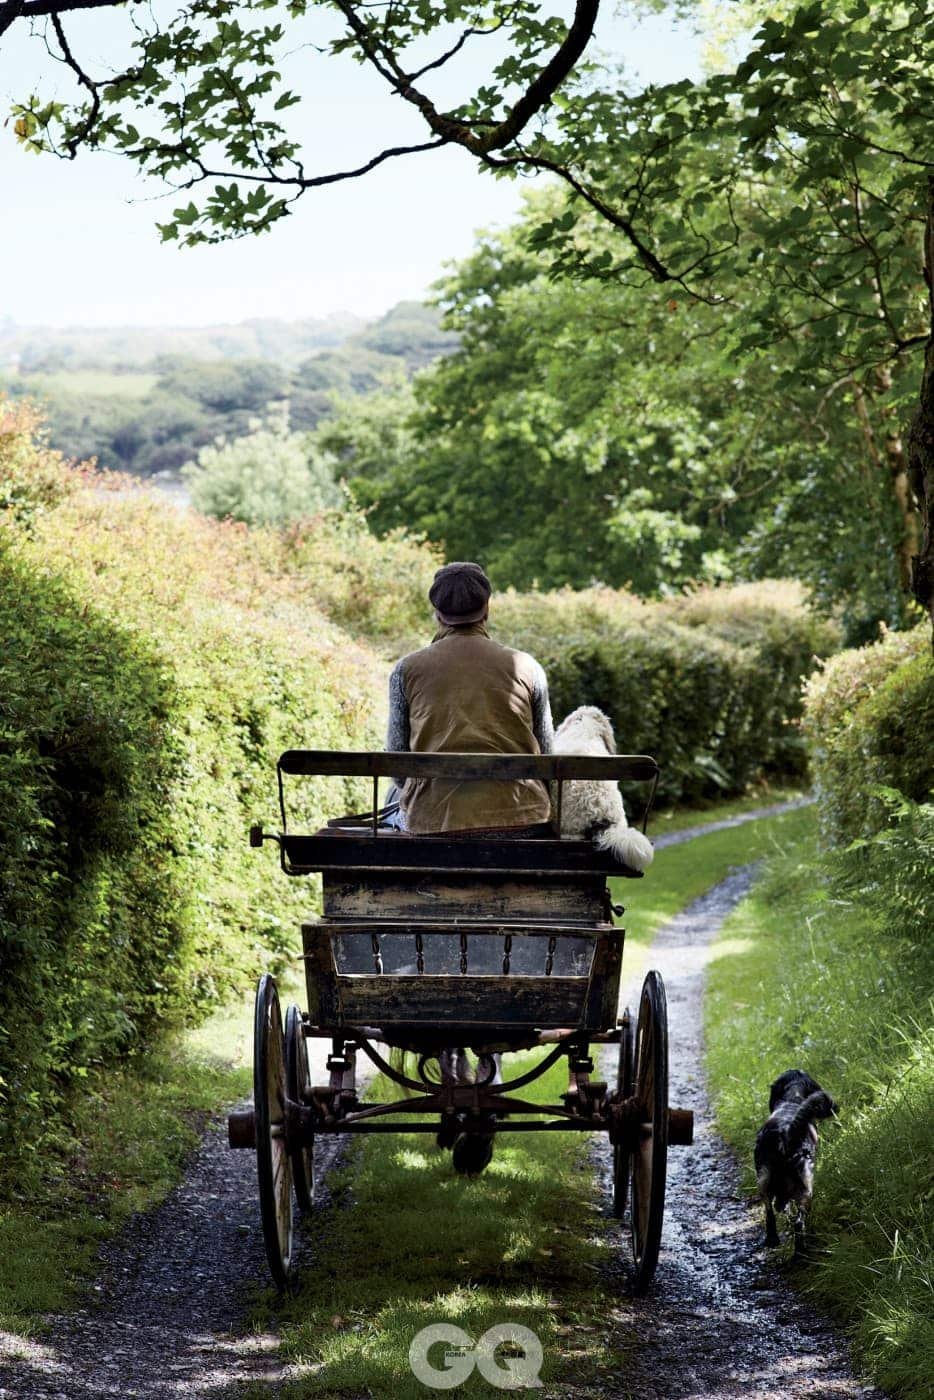 아이언스와 스머지가 마차를 타고 마구간으로 가고 있다.